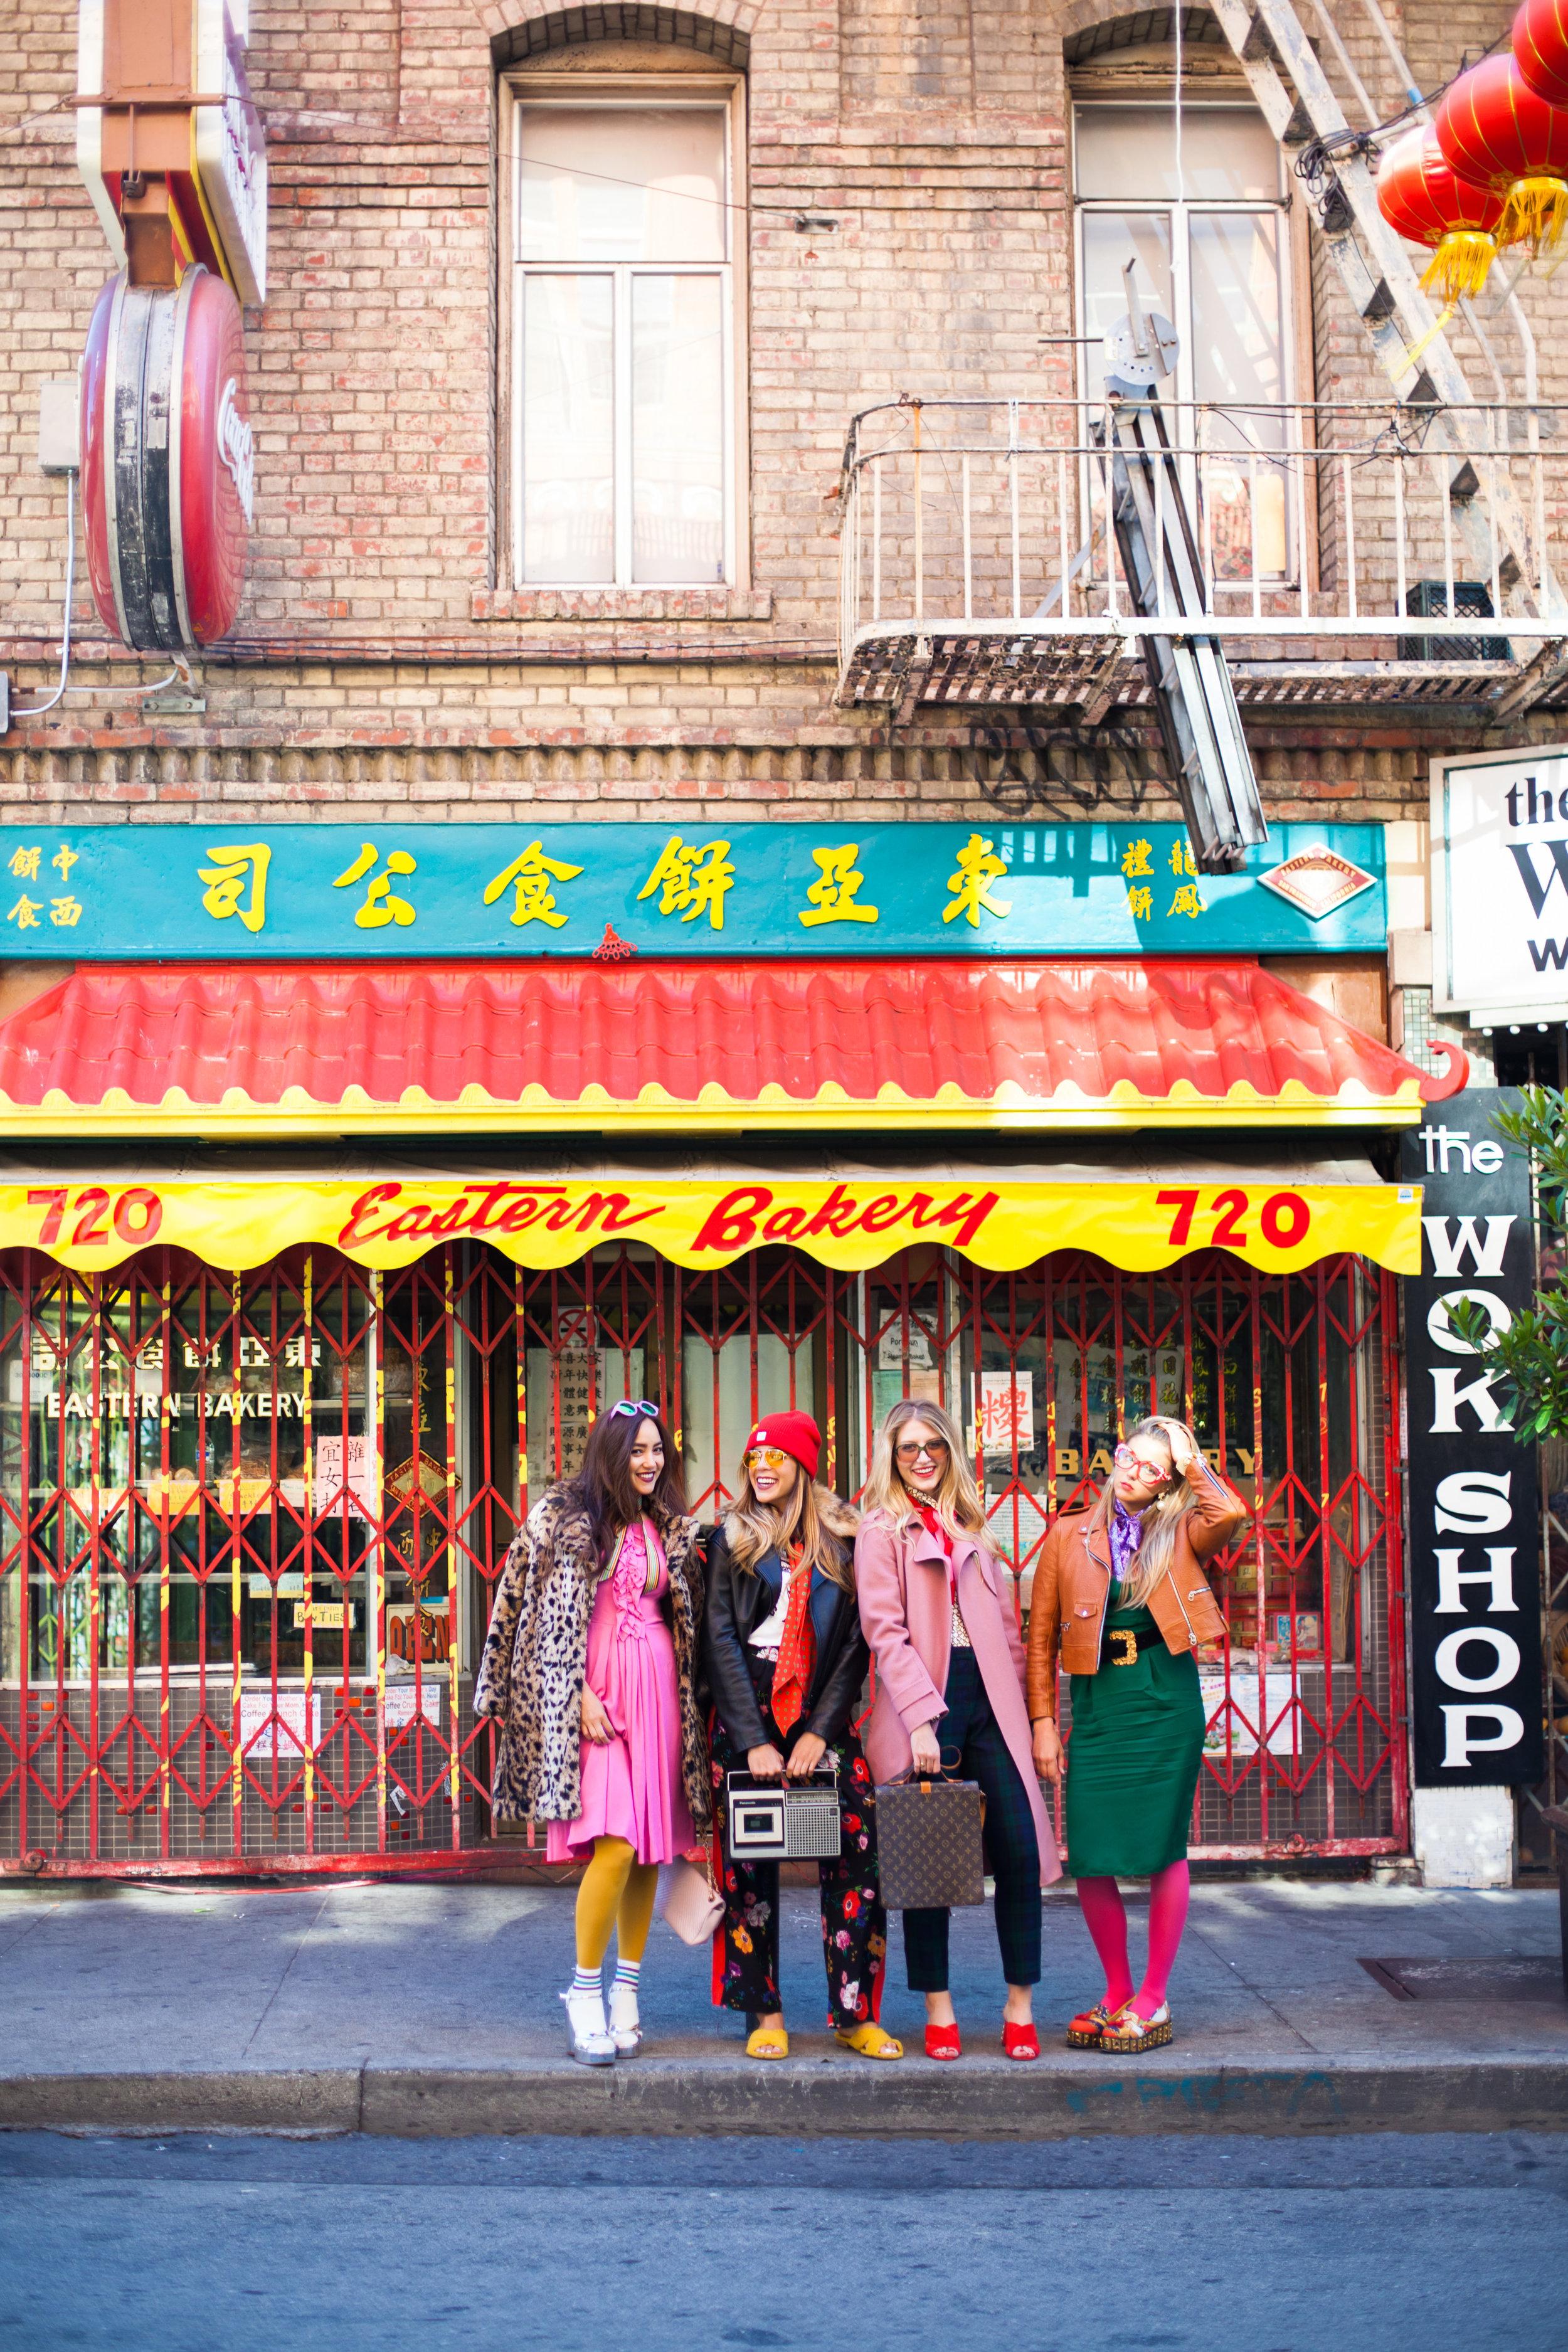 chinatowncallmechristinefashionlookbookblogger-2.jpg